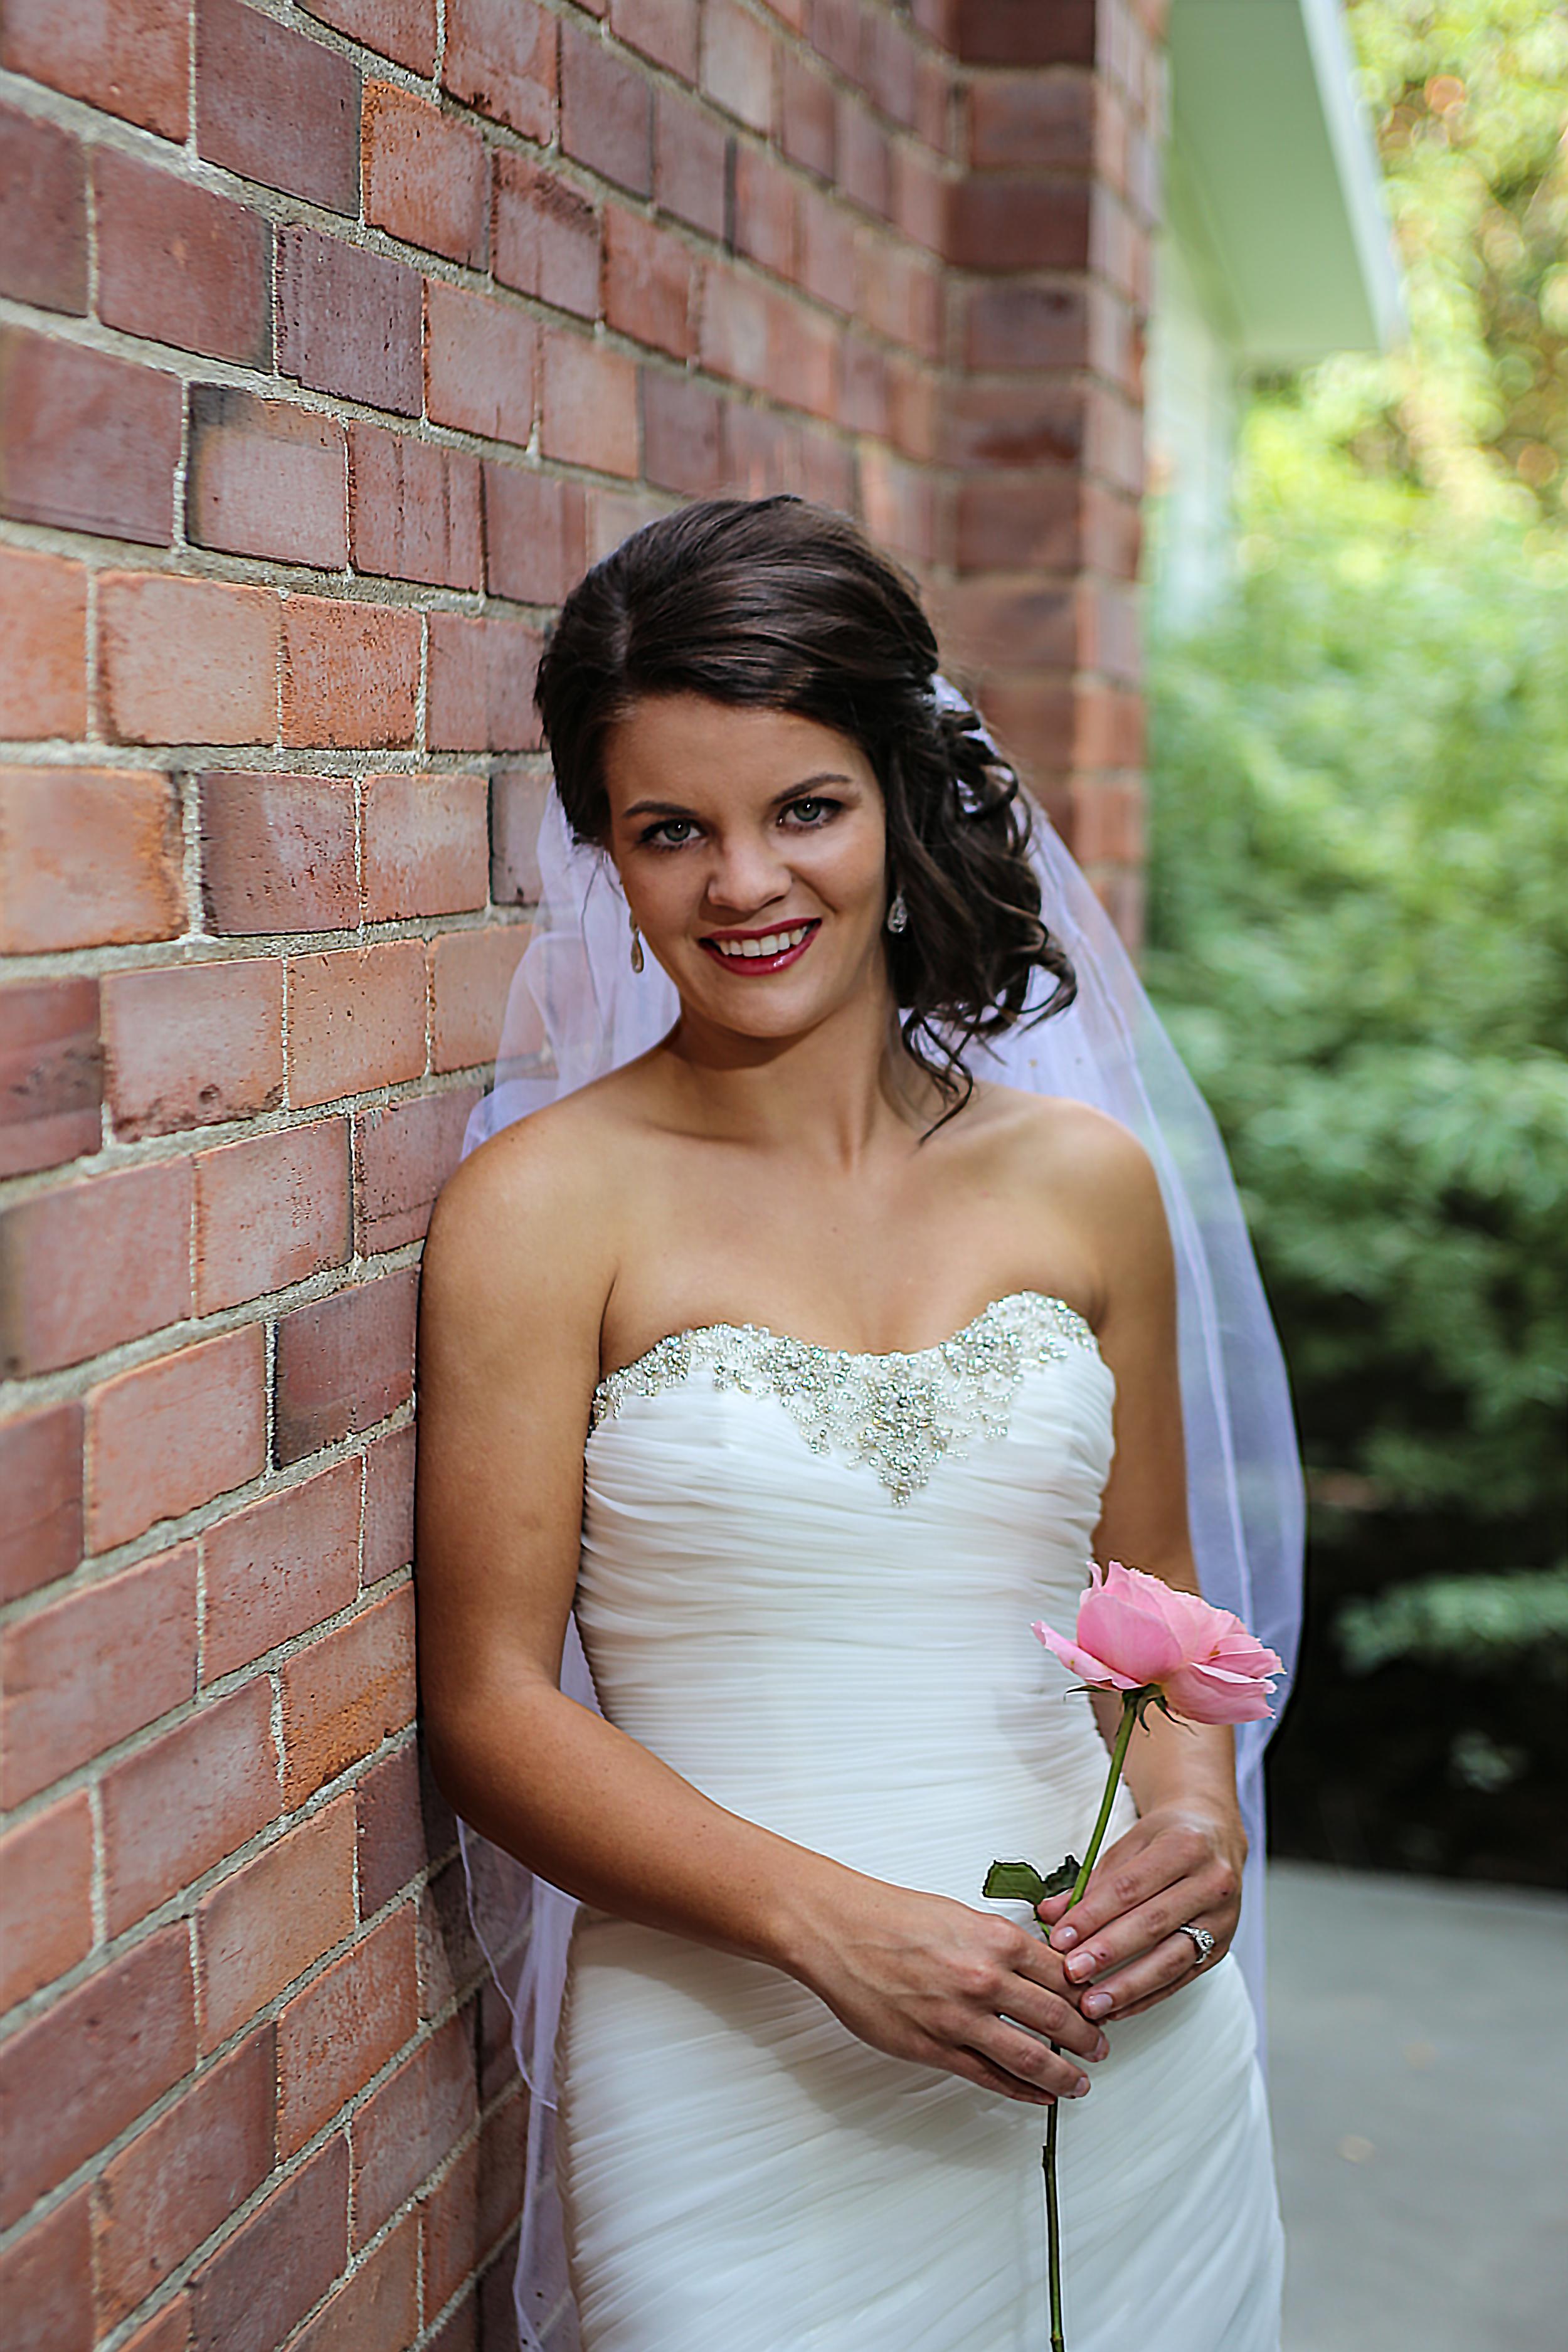 Bountiful wedding photography outdoor portrait studio